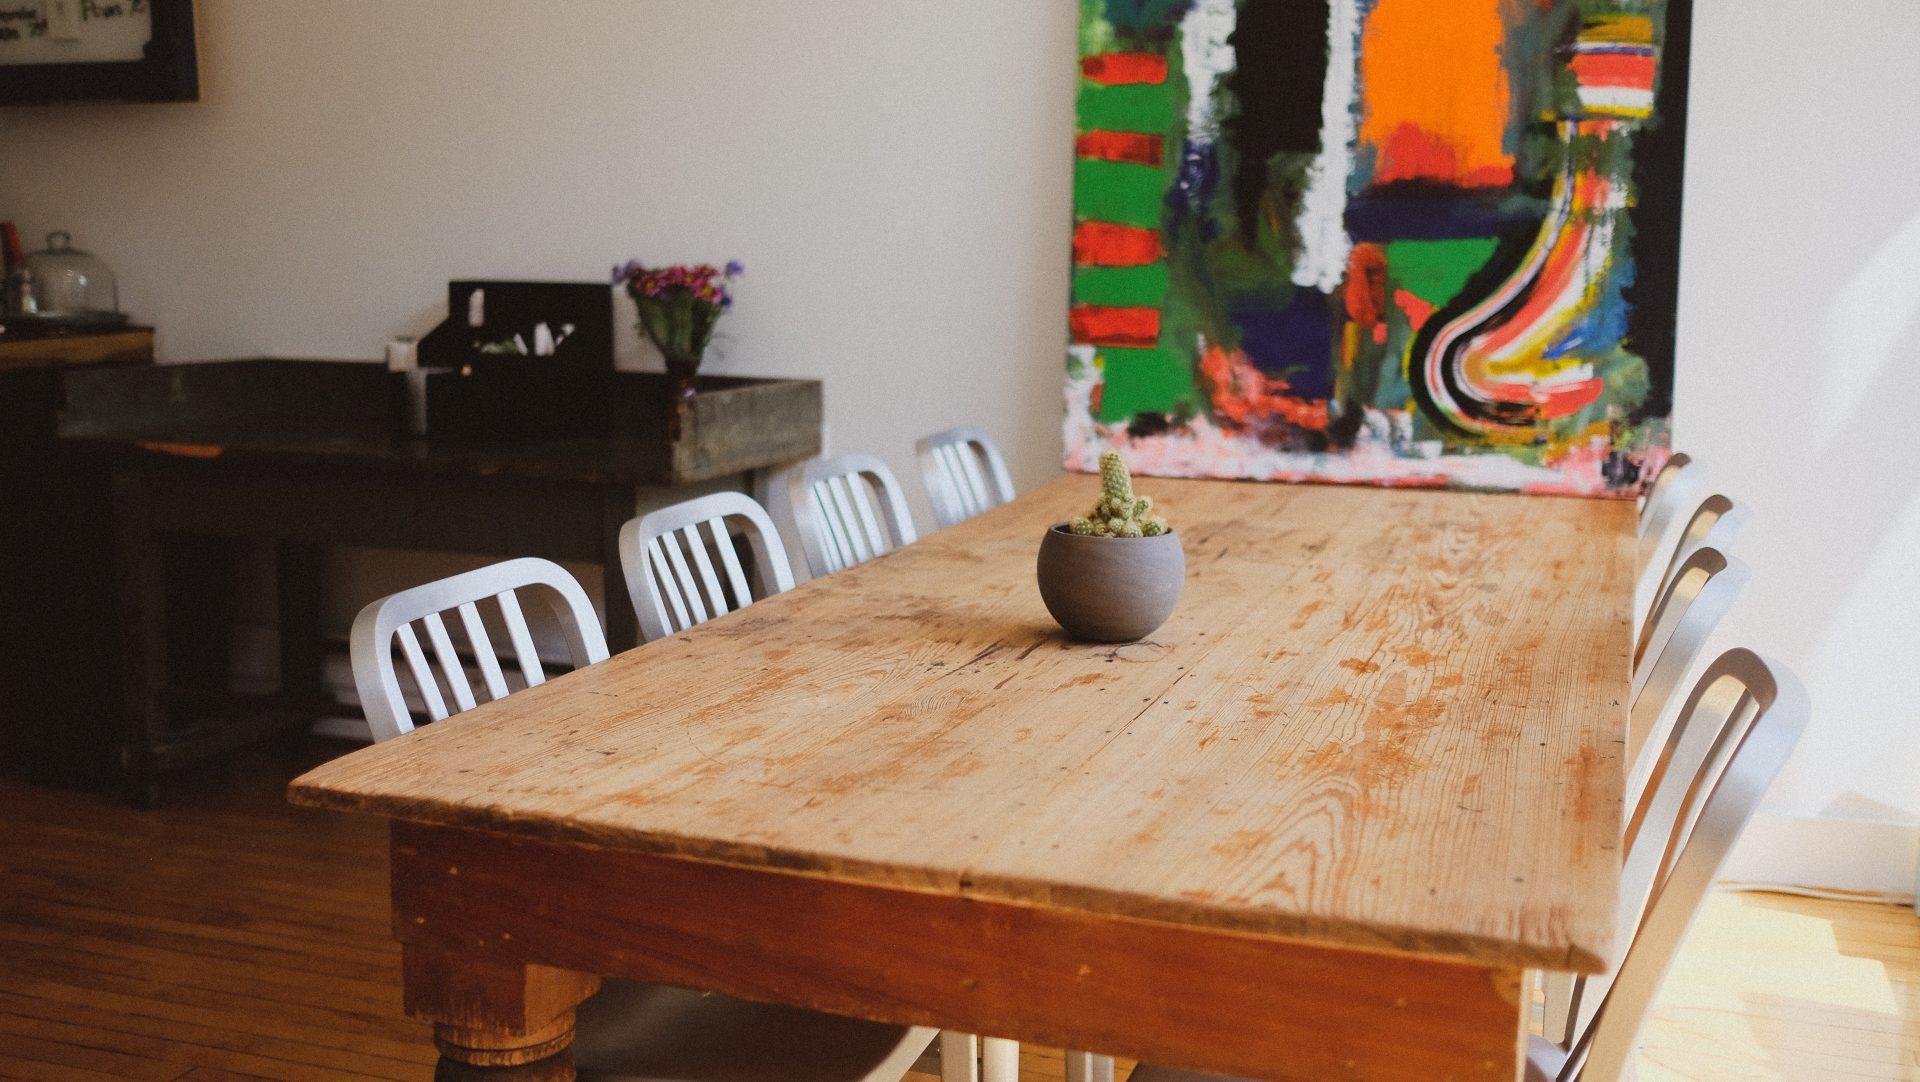 stol-stolicky-obraz-jedalen-kvetinac-kaktus-interier